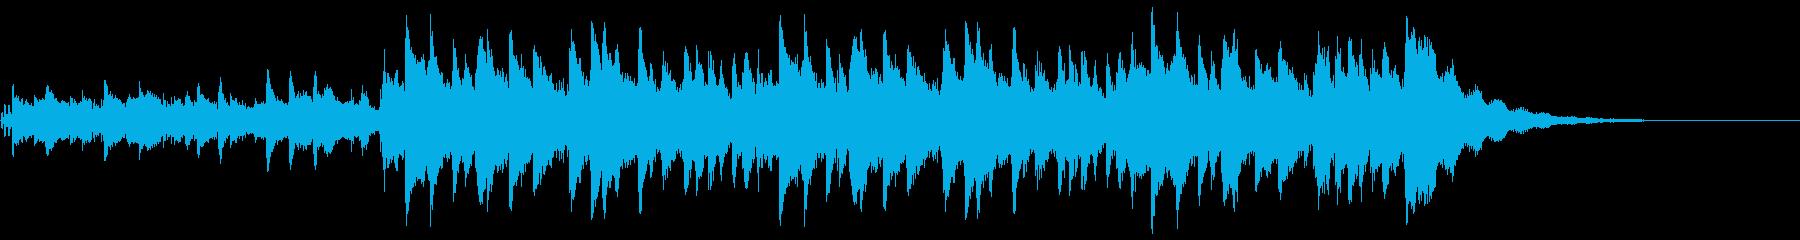 アメリカーナ気分で楽器のアコーステ...の再生済みの波形